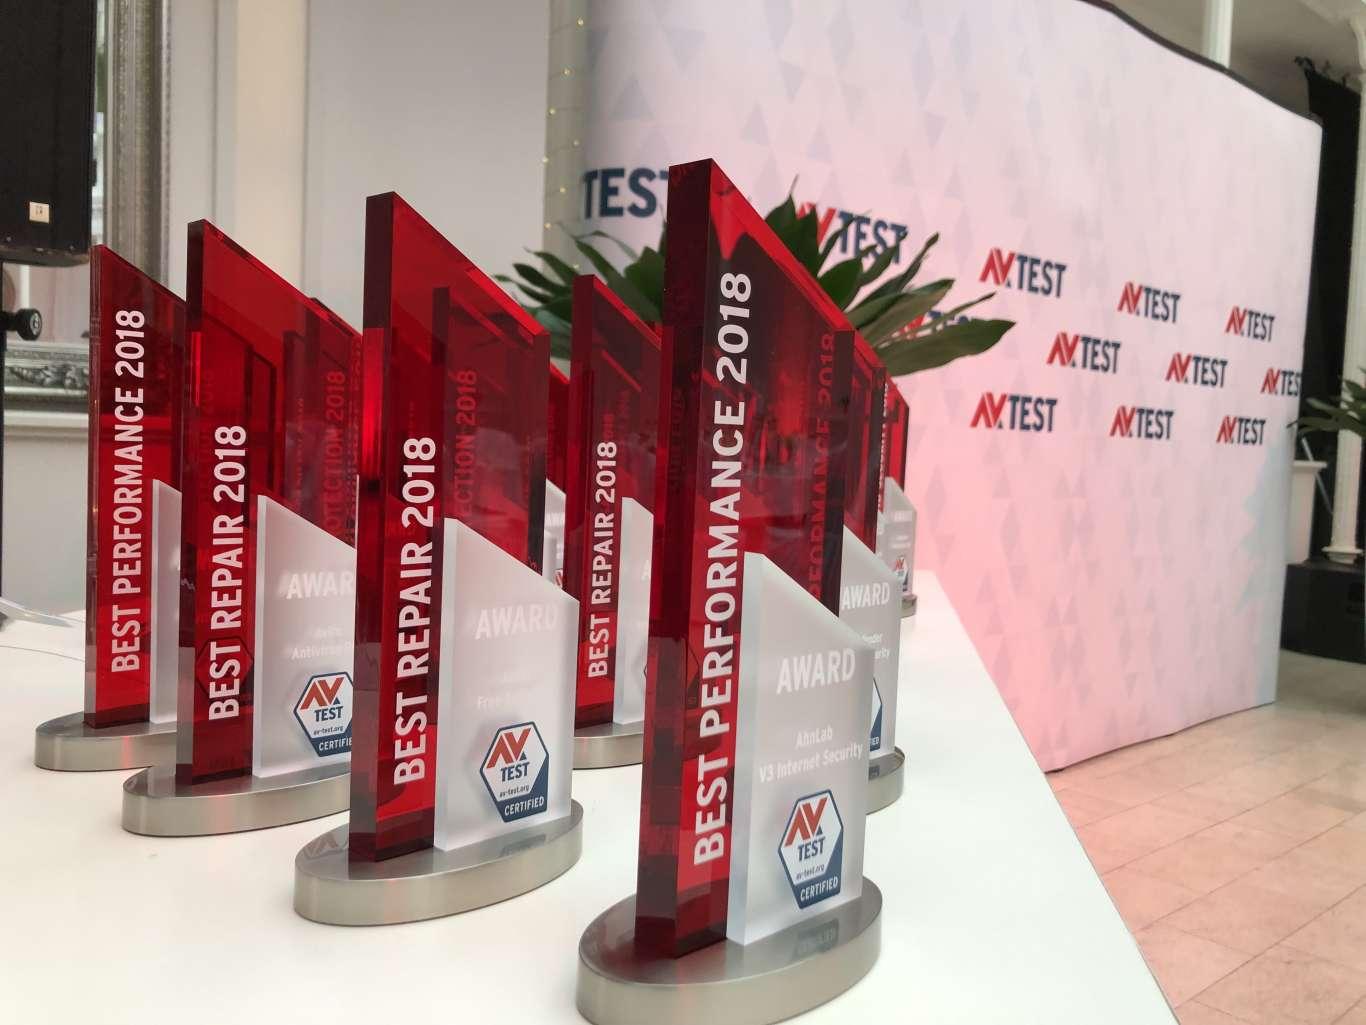 Die AV-Awards Preisverleihung in Erfurt. Ausgezeichnet wurden die Gewinner des Jahres 2018 in neun verschiedenen Kategorien.